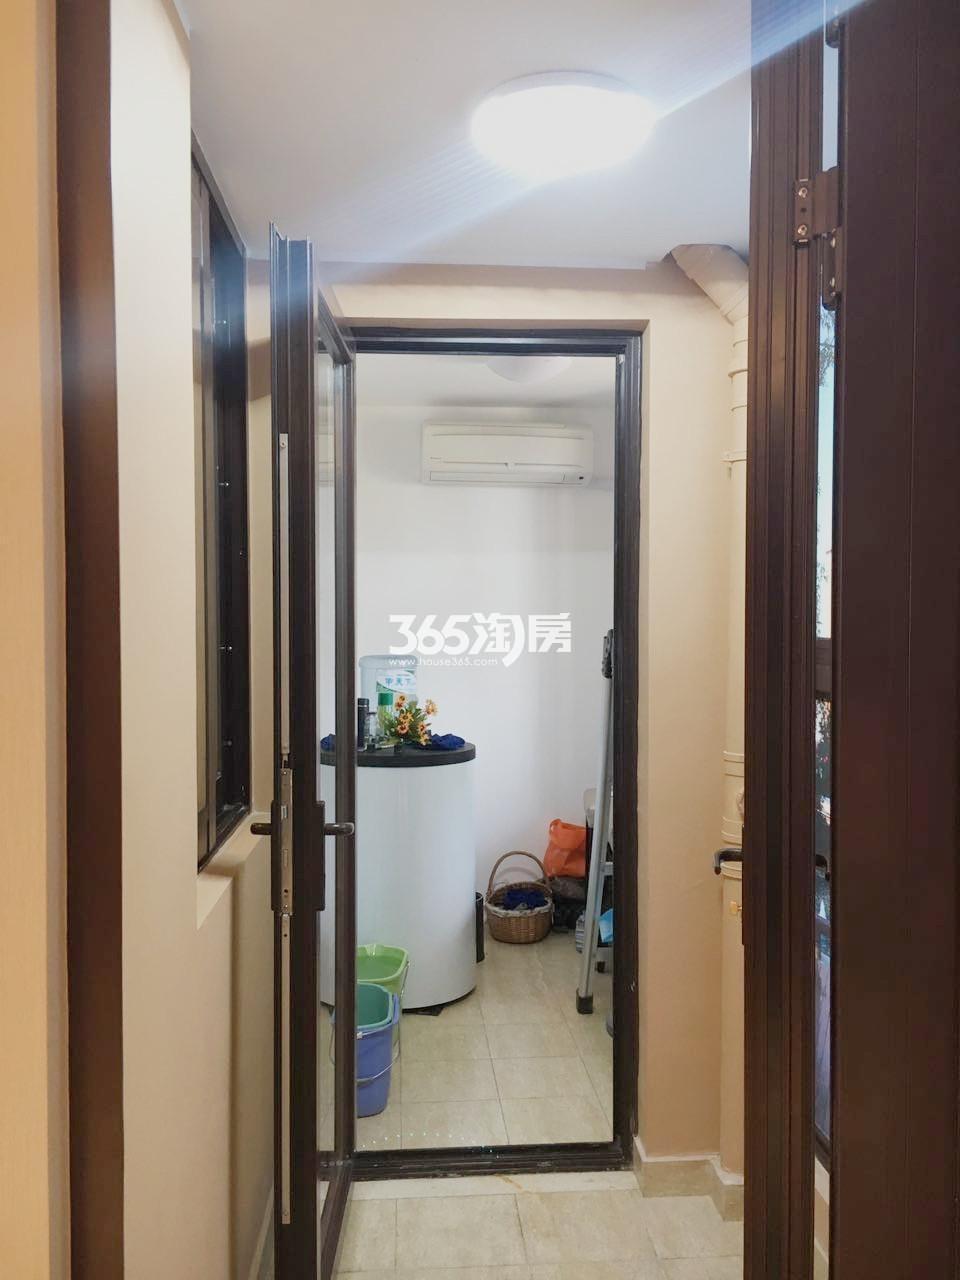 雅居乐滨江国际176㎡样板间洗衣房